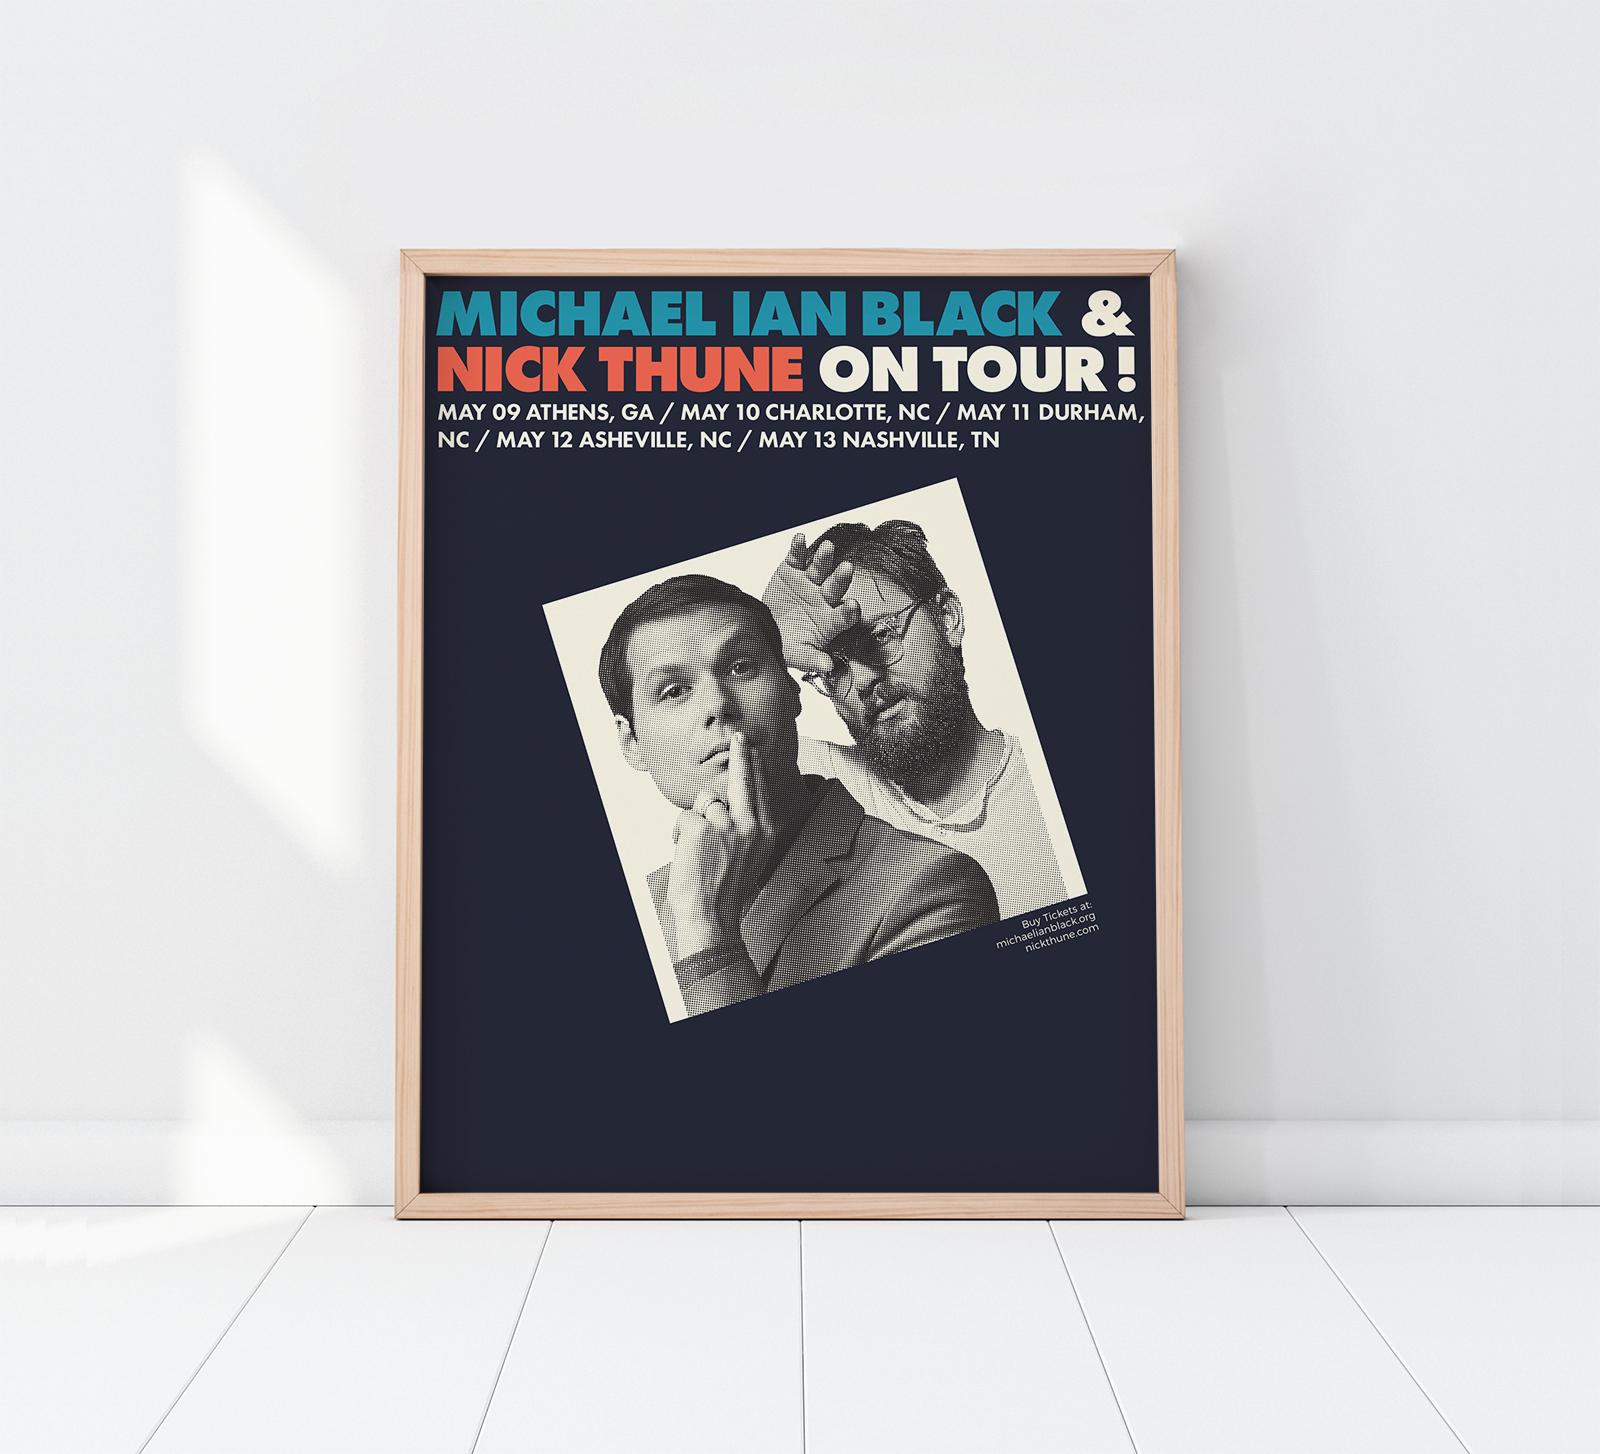 Michael Ian Black & Nick Thune: On Tour